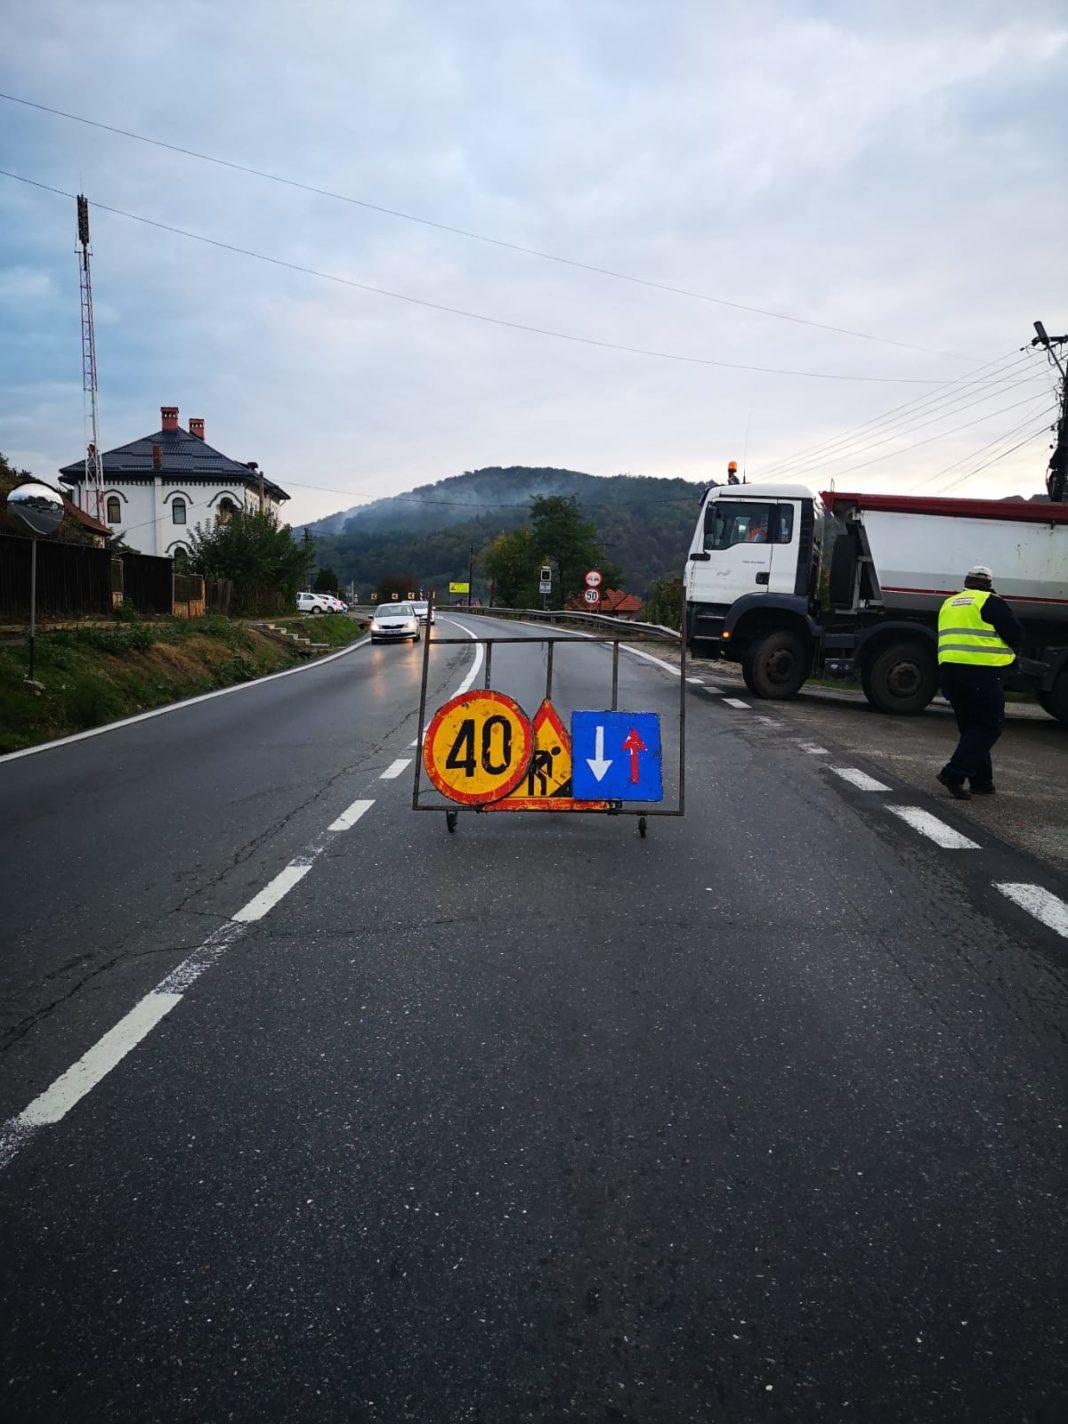 Restricții de circulație, pentru efectuarea de lucrări